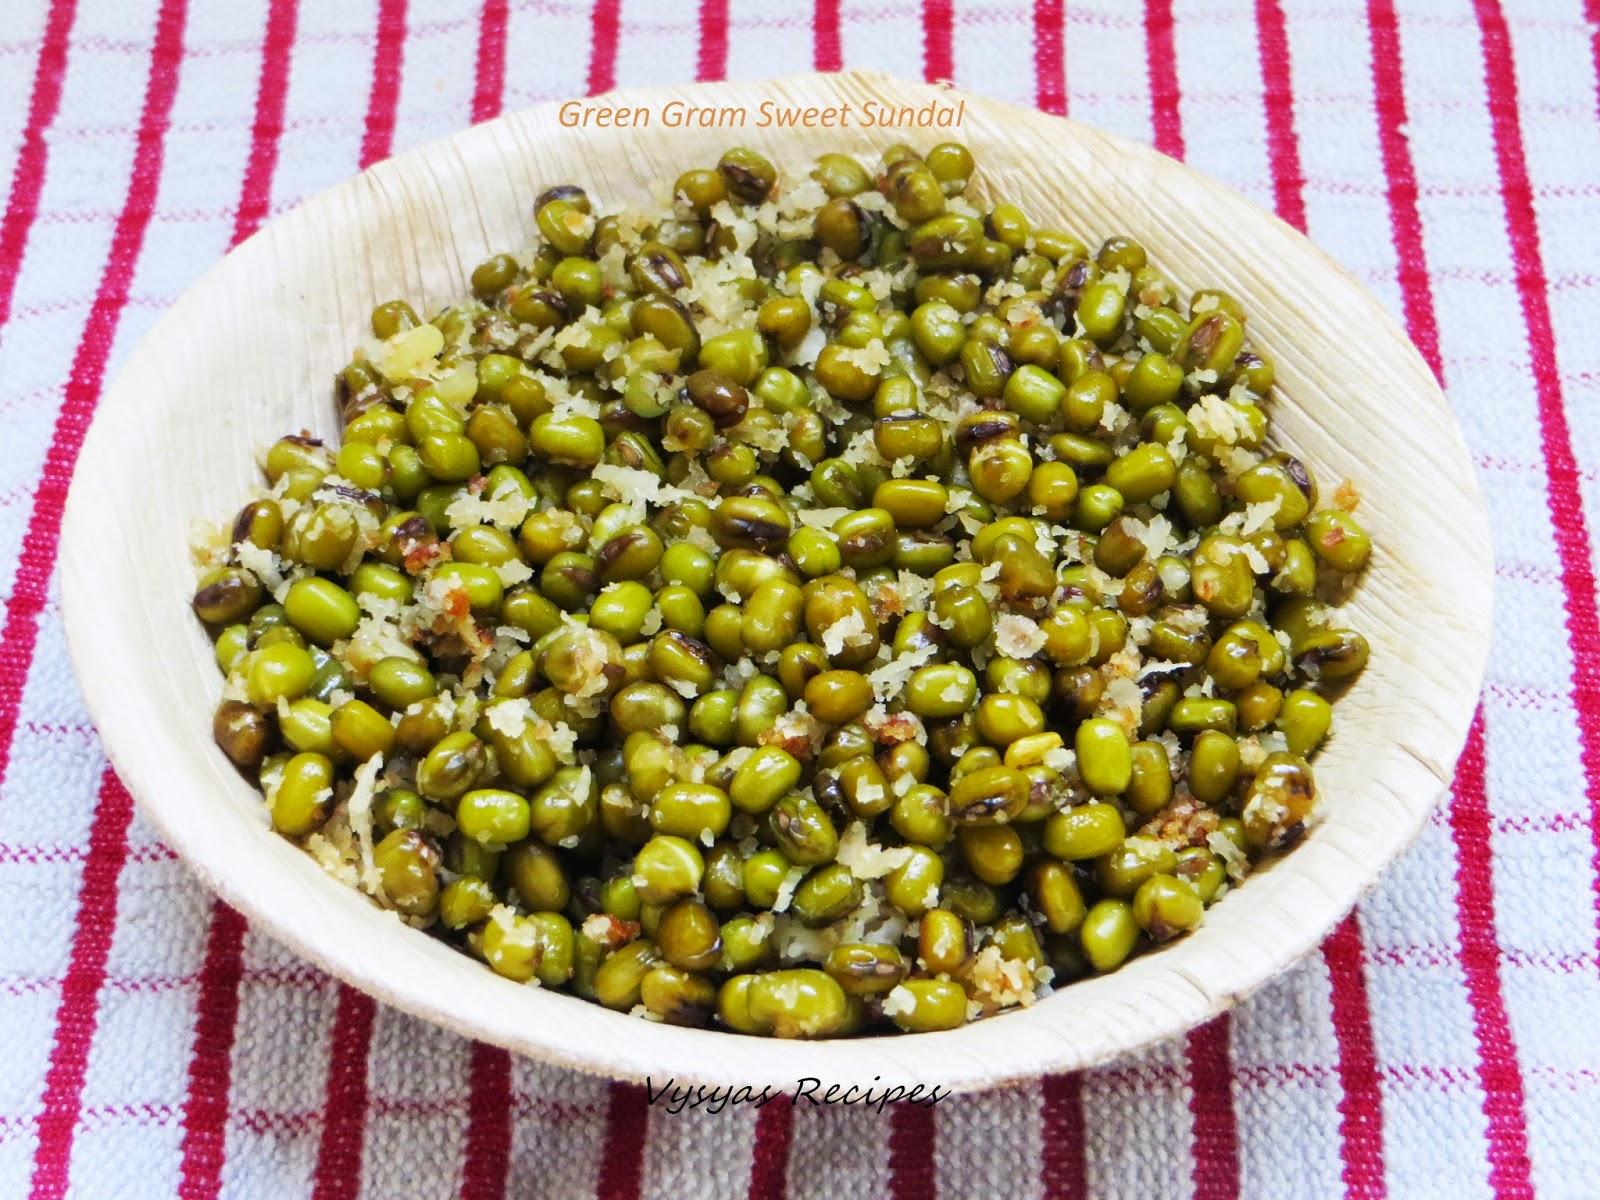 sweet sundal - green gram sweet sundal -  pachai payaru sweet sundal